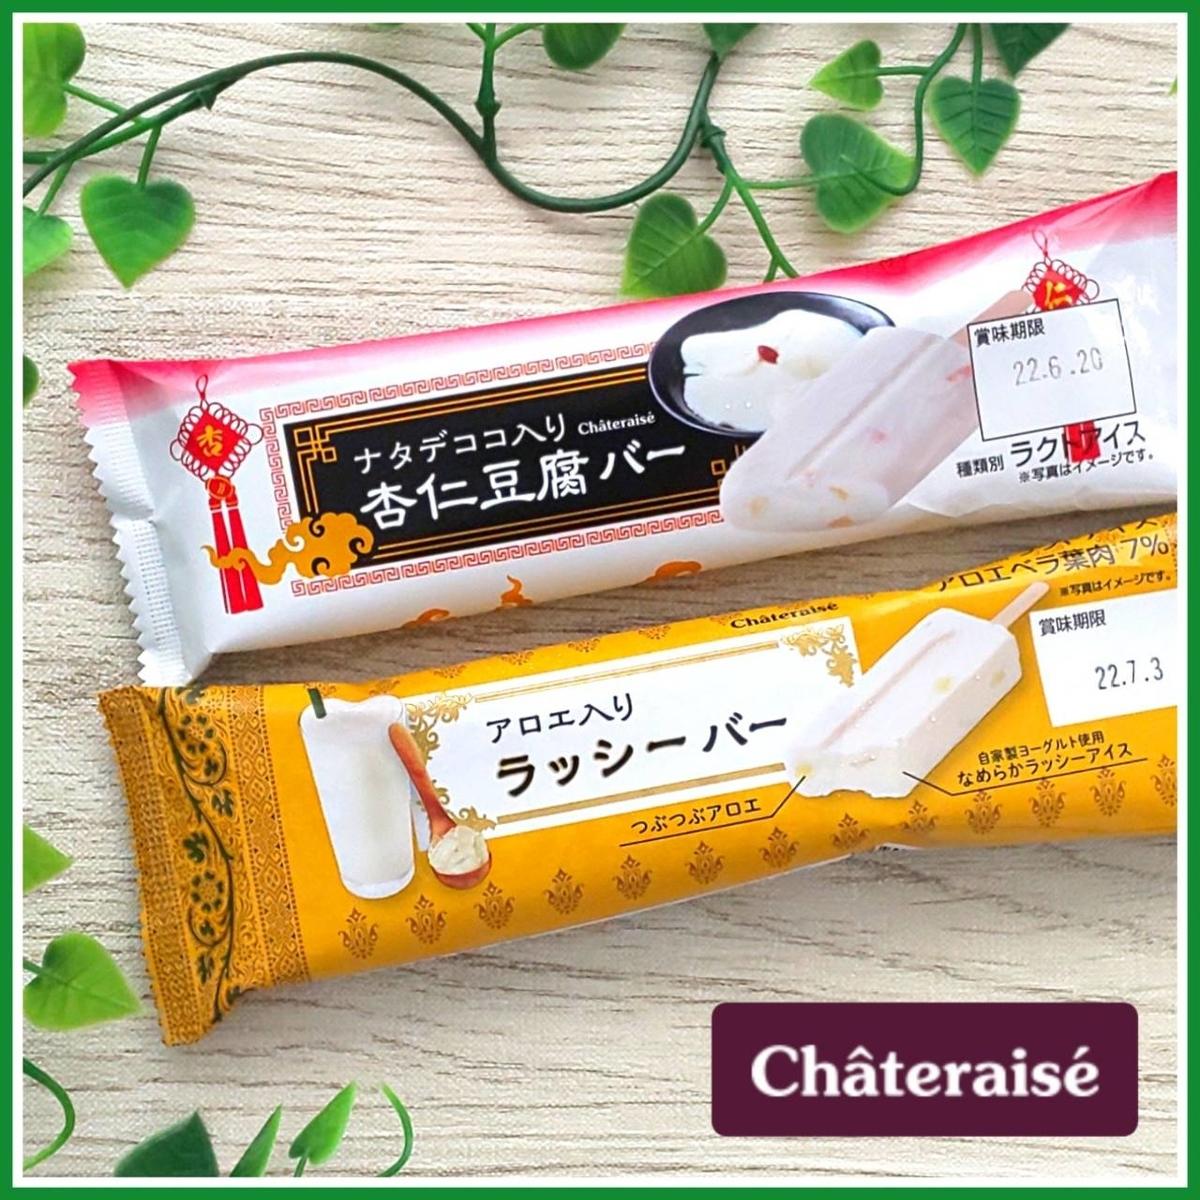 シャトレーゼ「ラッシーバー」と「杏仁豆腐バー」おすすめアイス